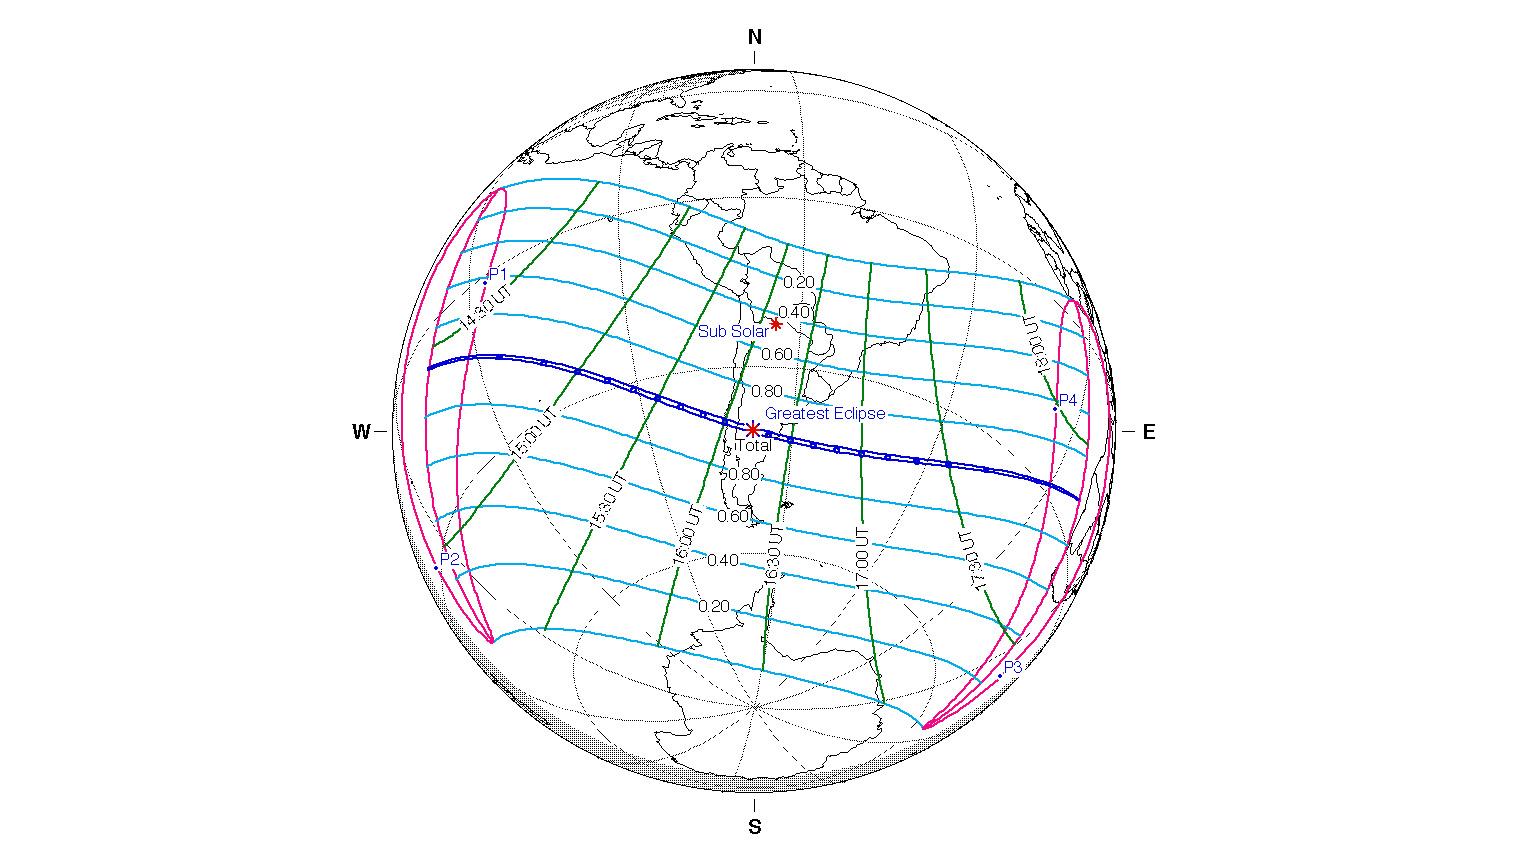 Une carte de l'éclipse solaire totale du 14 décembre 2020.